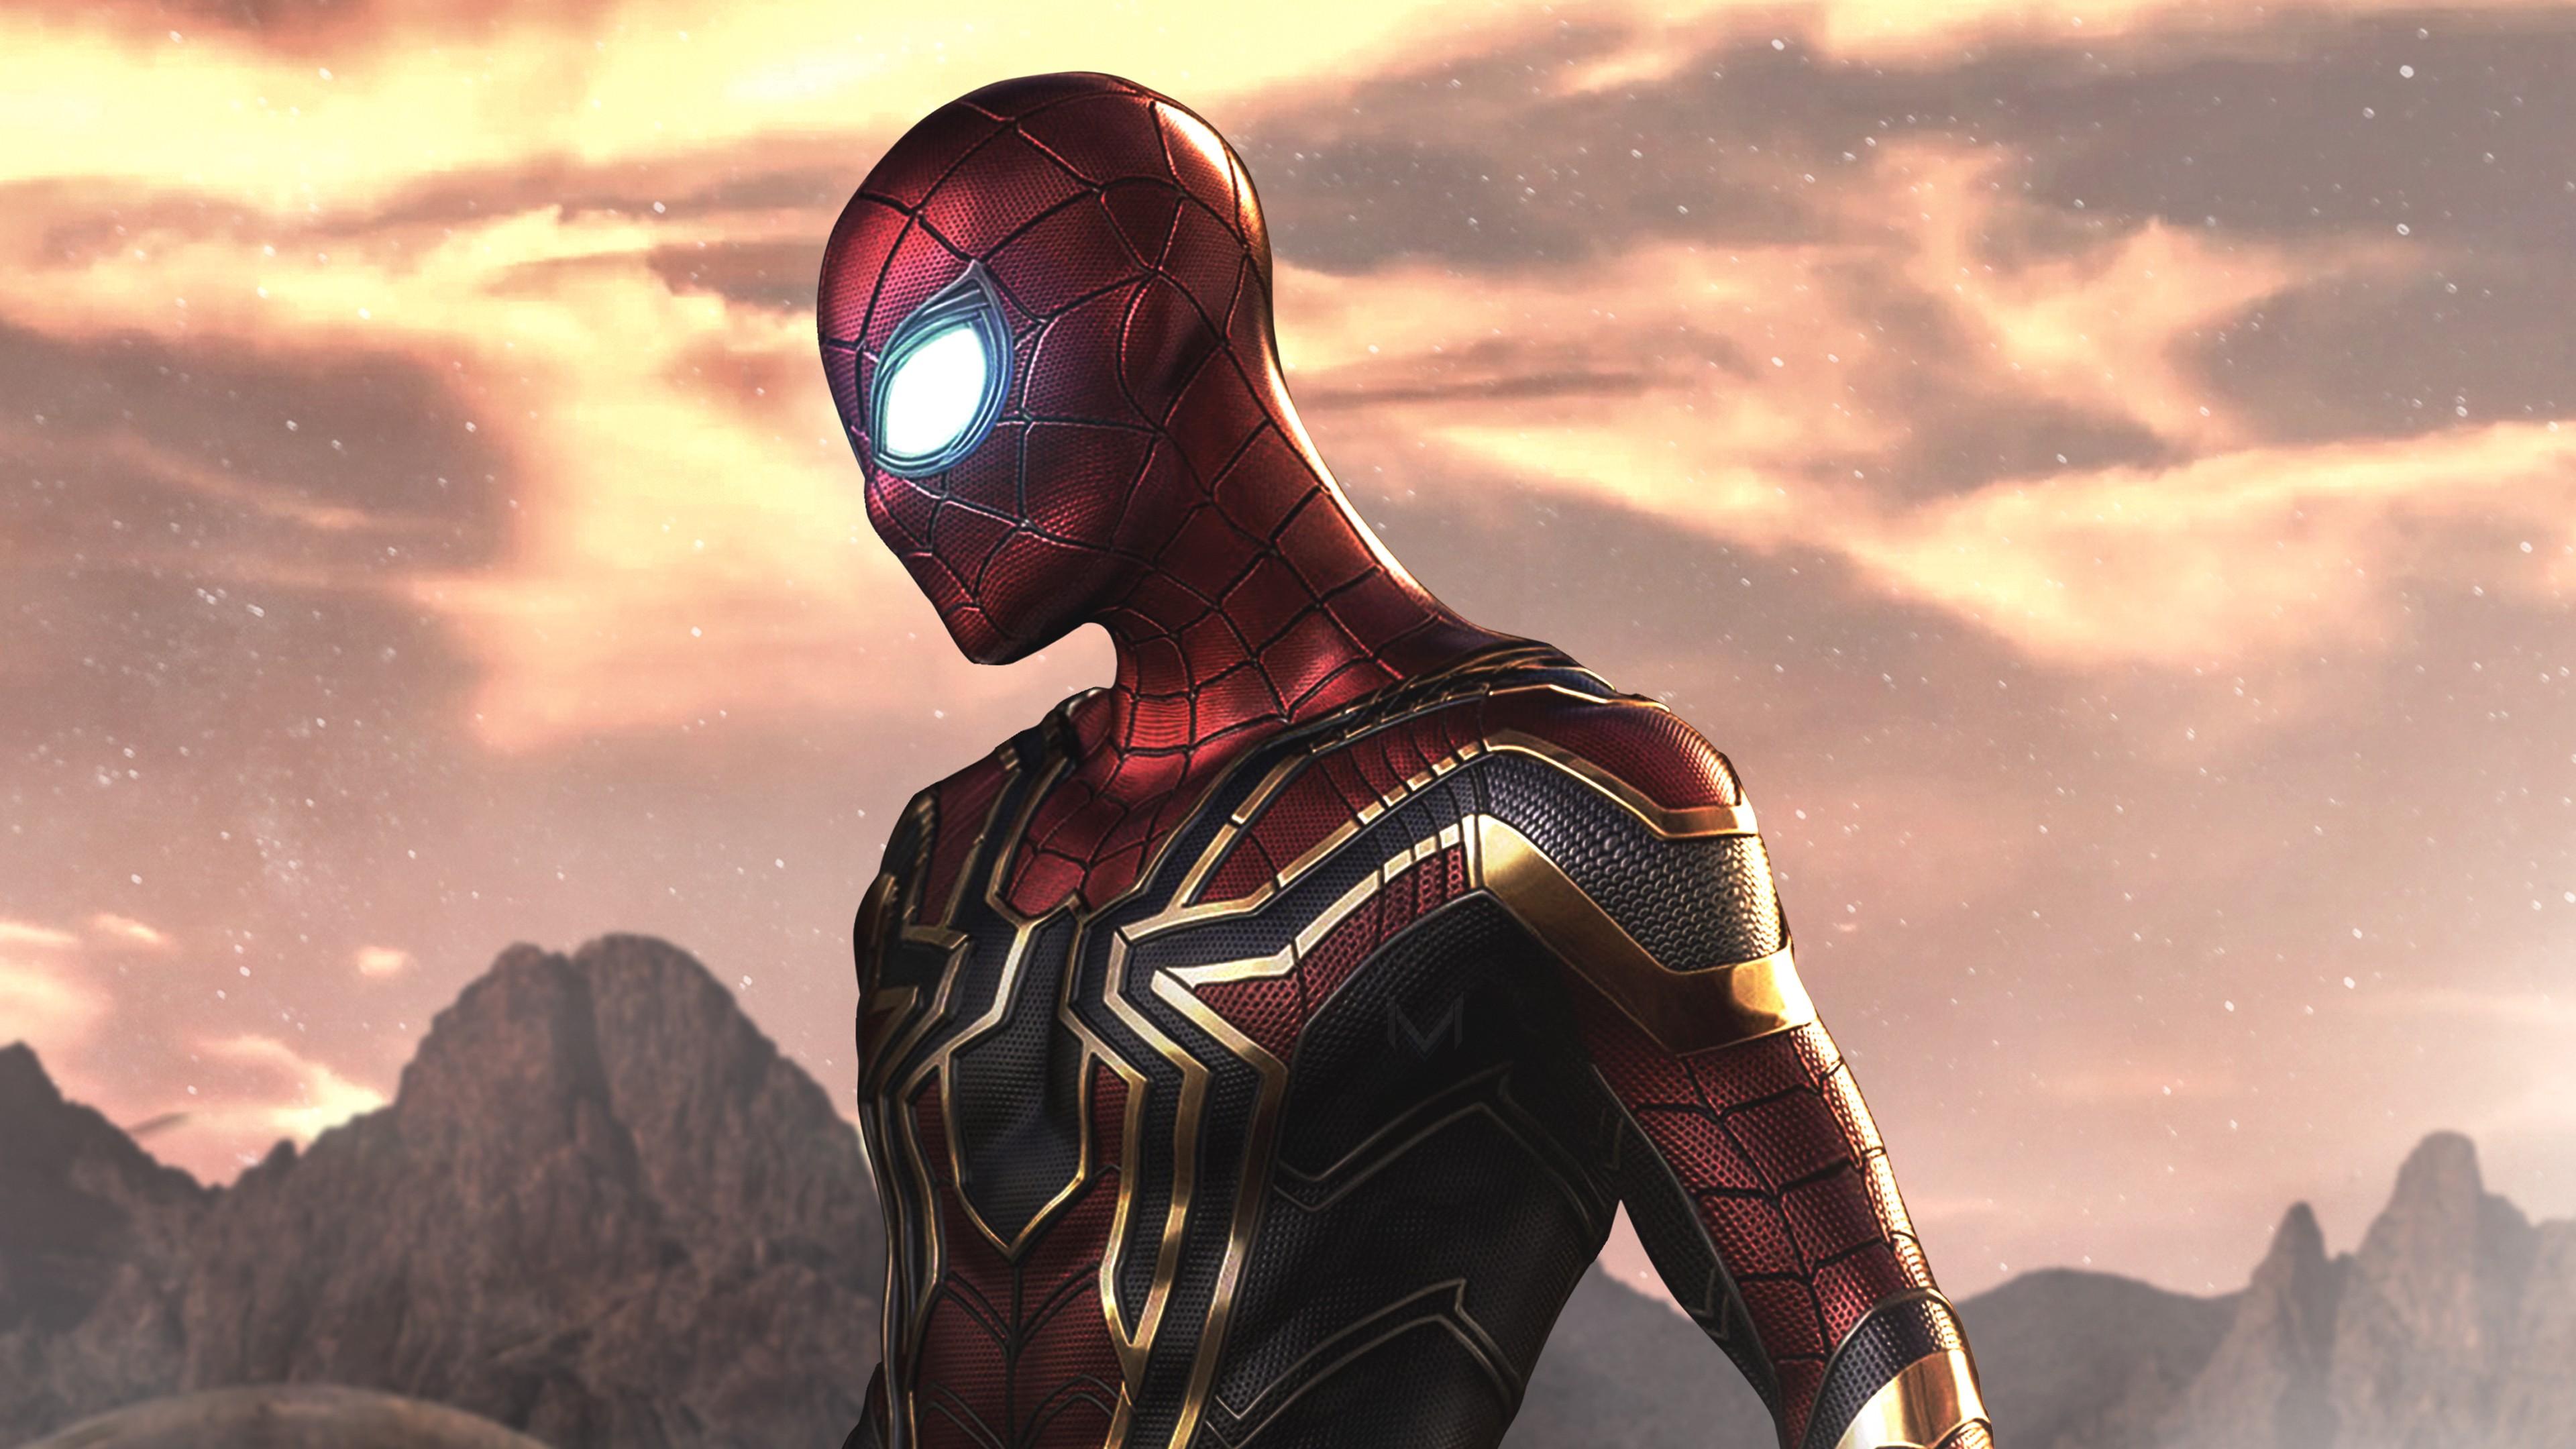 Homem-aranha: descubra como seria o novo filme do herói! | Rádio ...